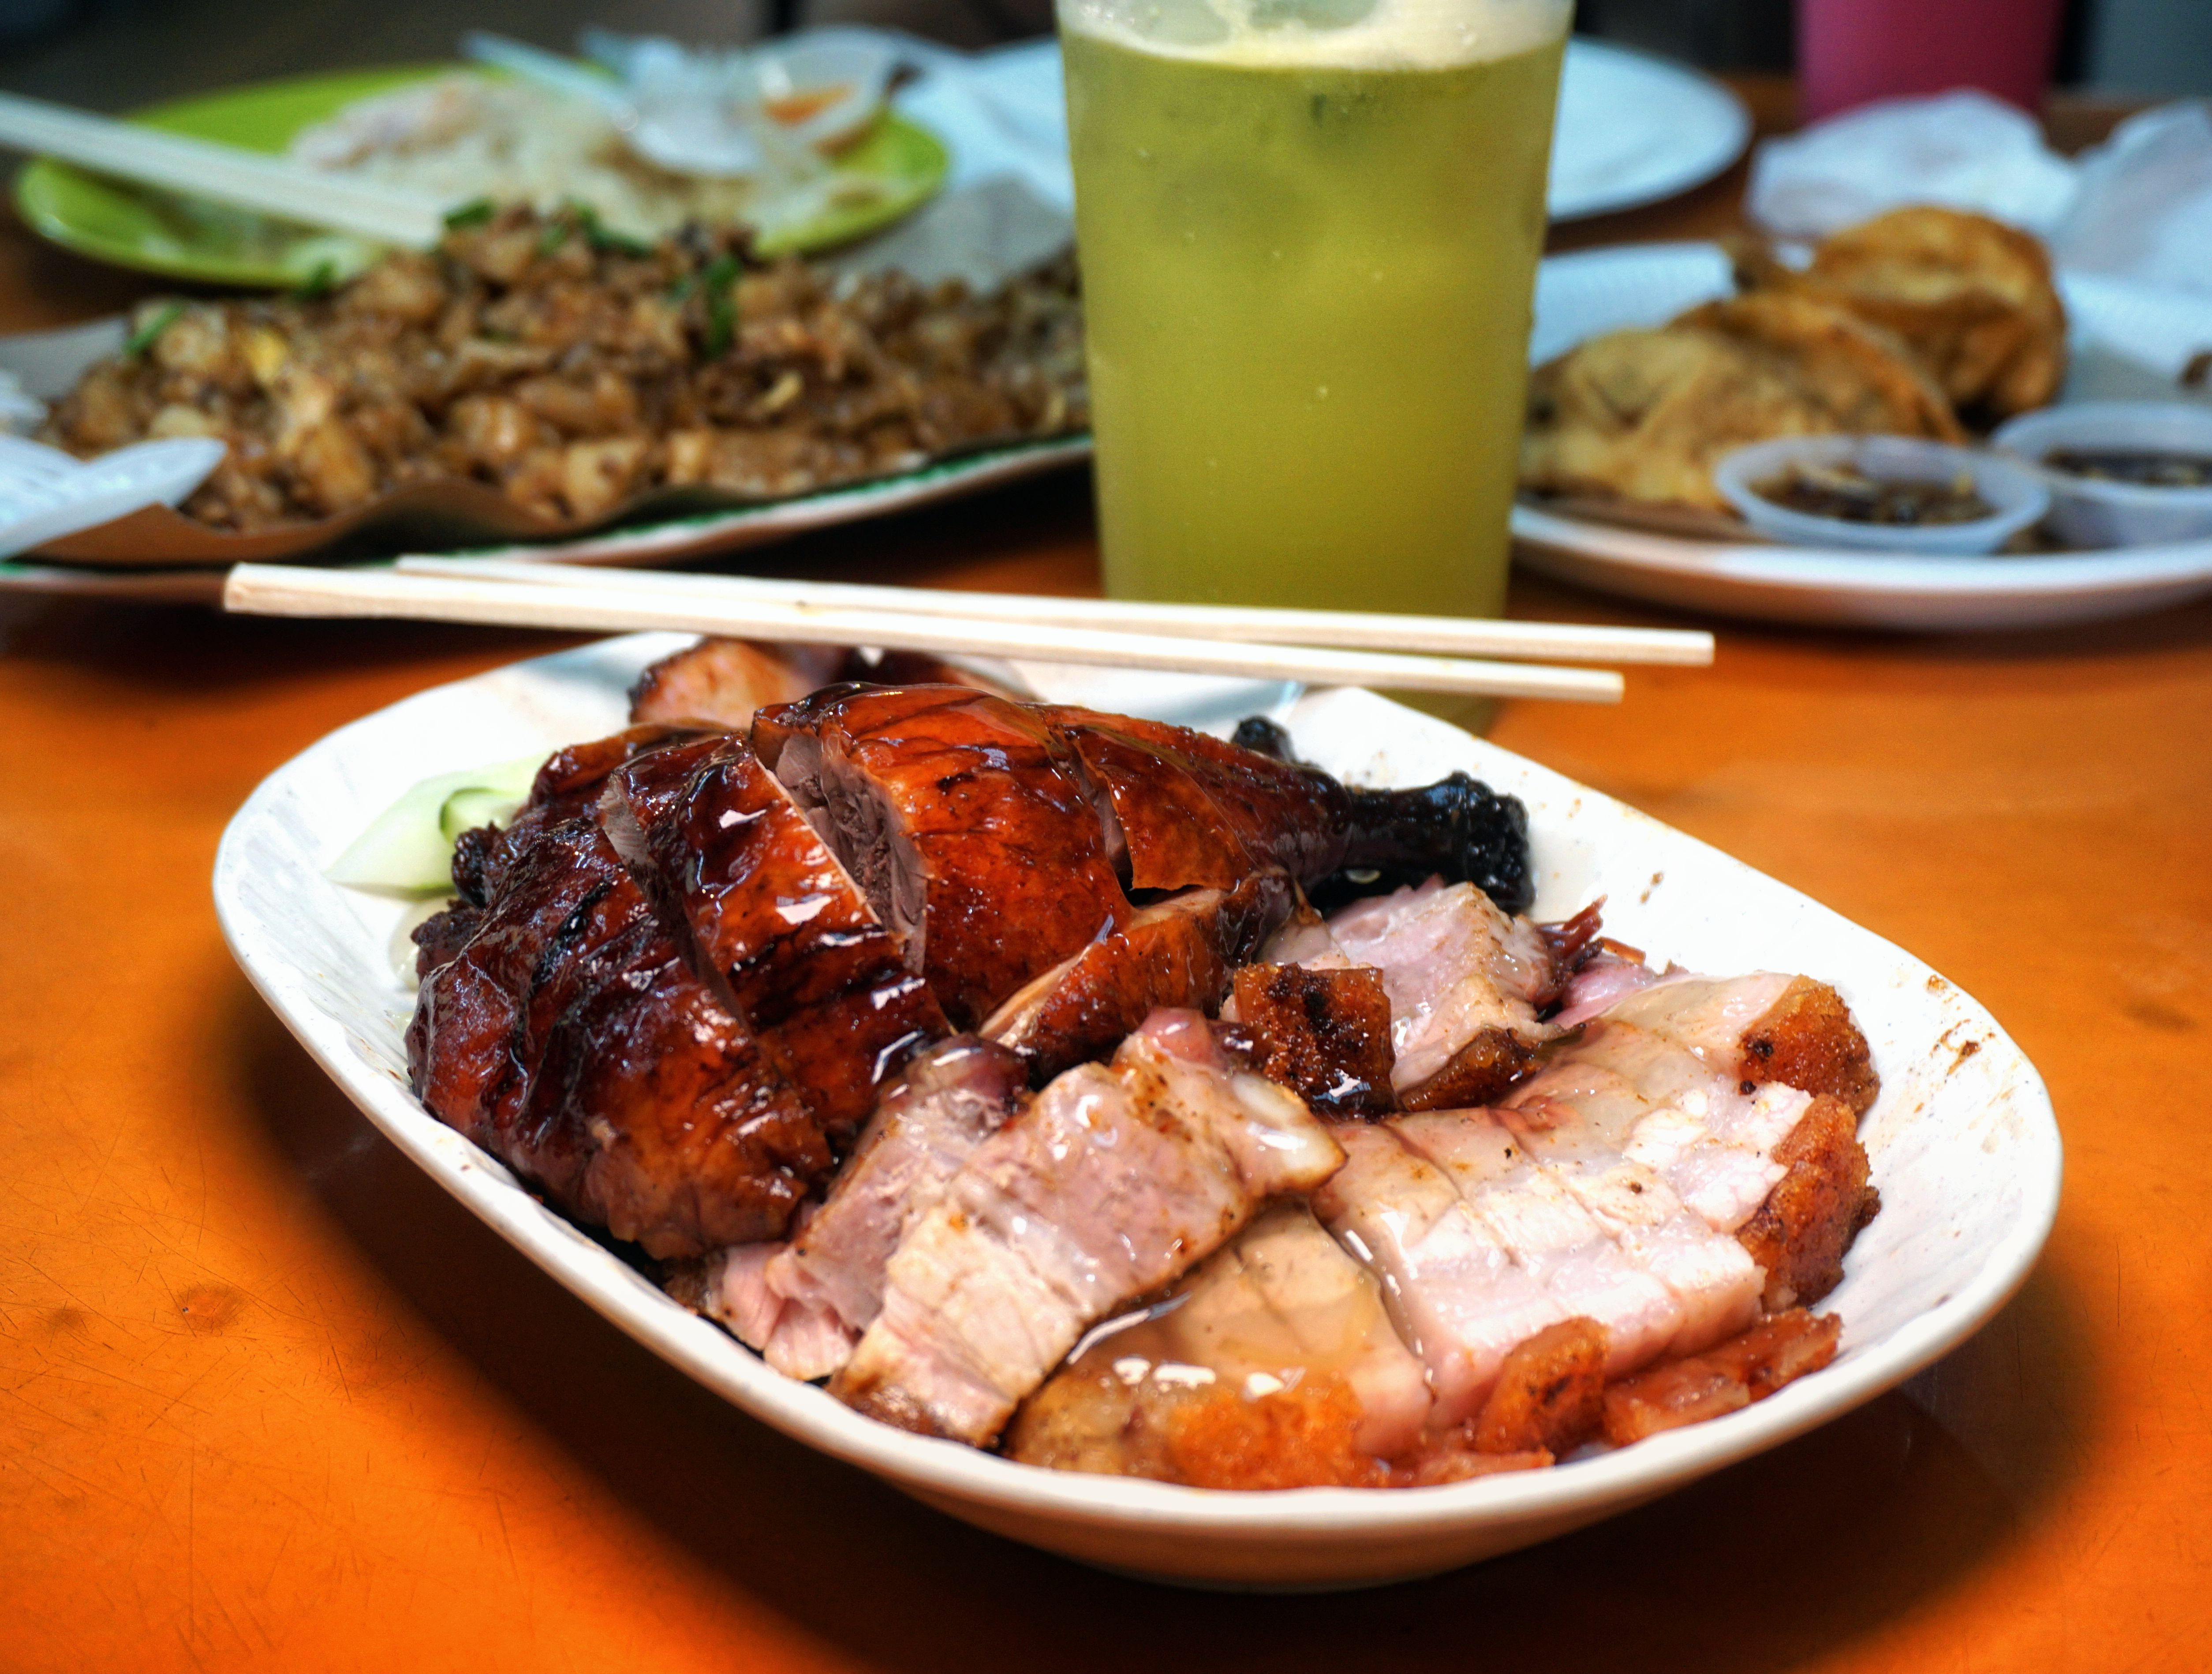 Singapore Roast pork